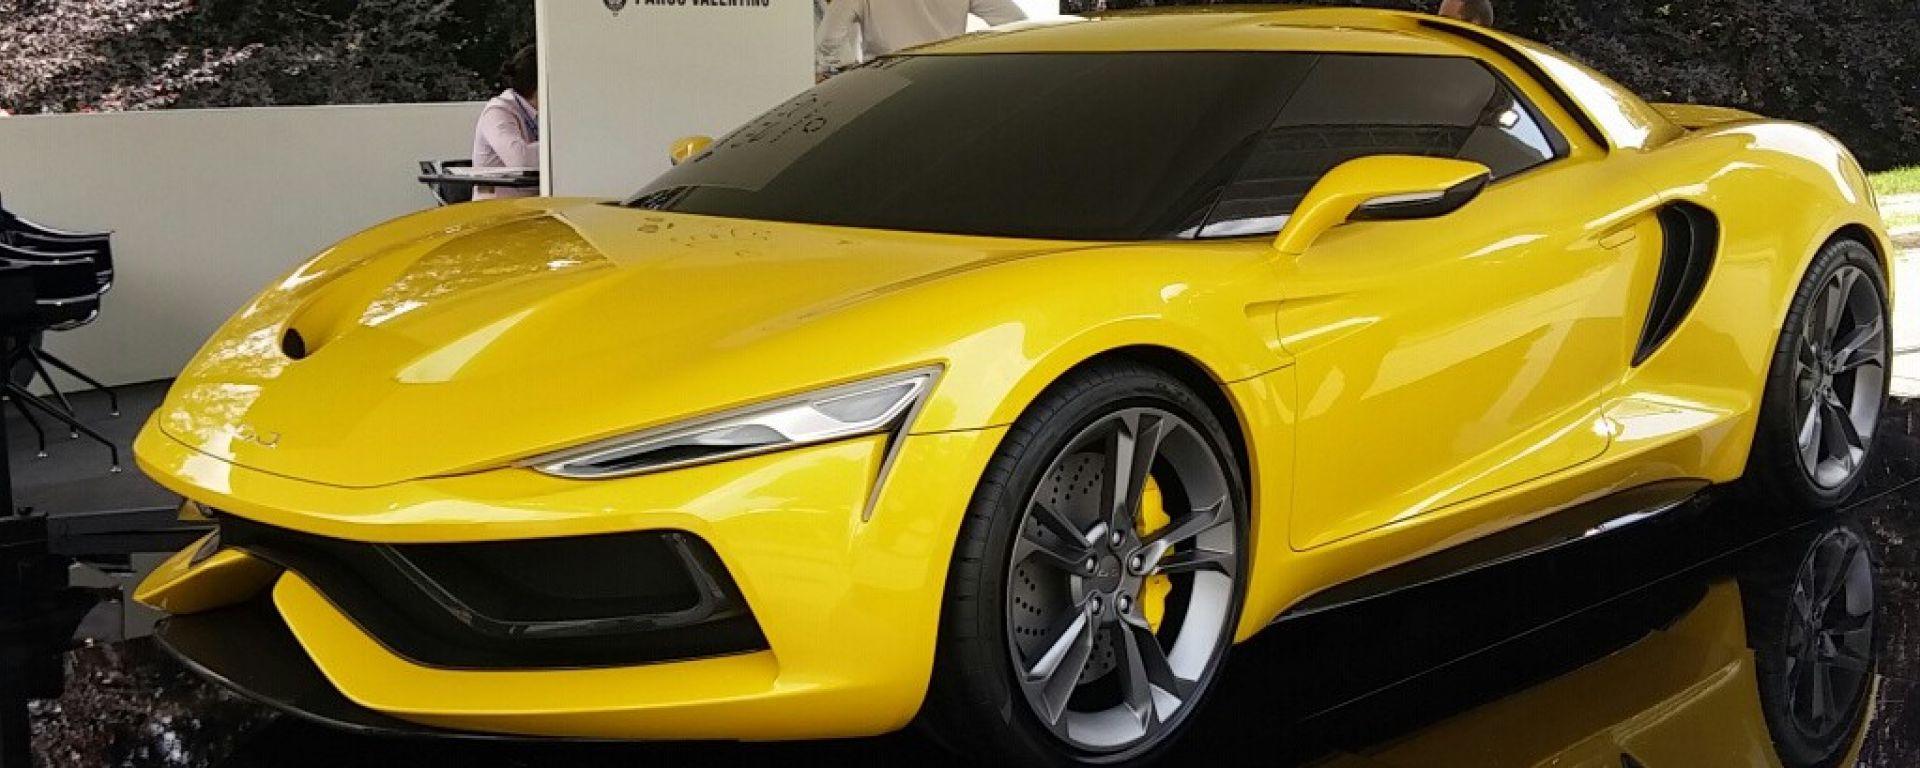 Model 5 Genesi: debutto al Salone dell'Auto di Torino Parco Valentino